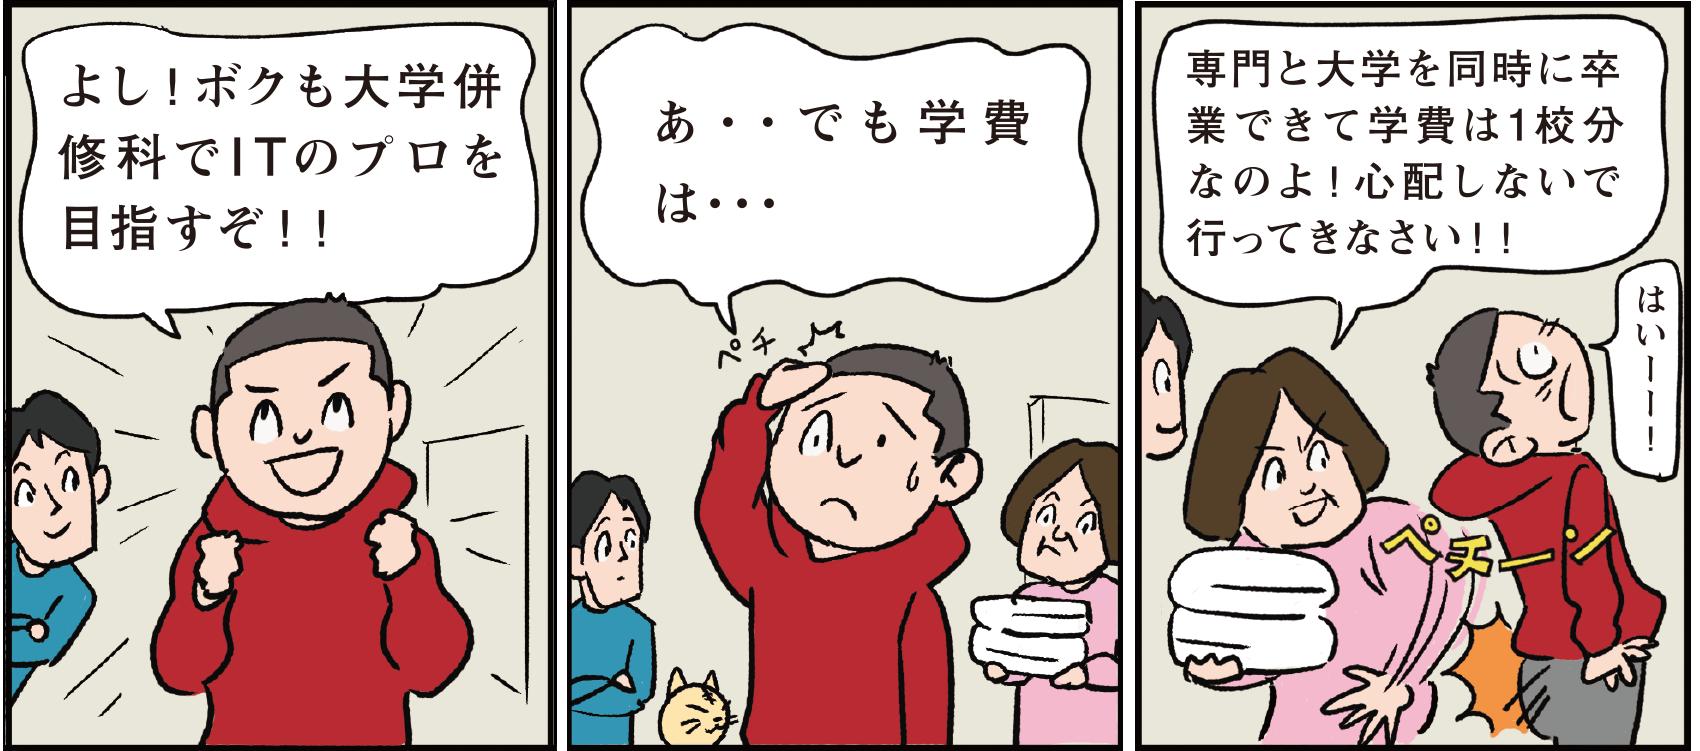 コミック22-24